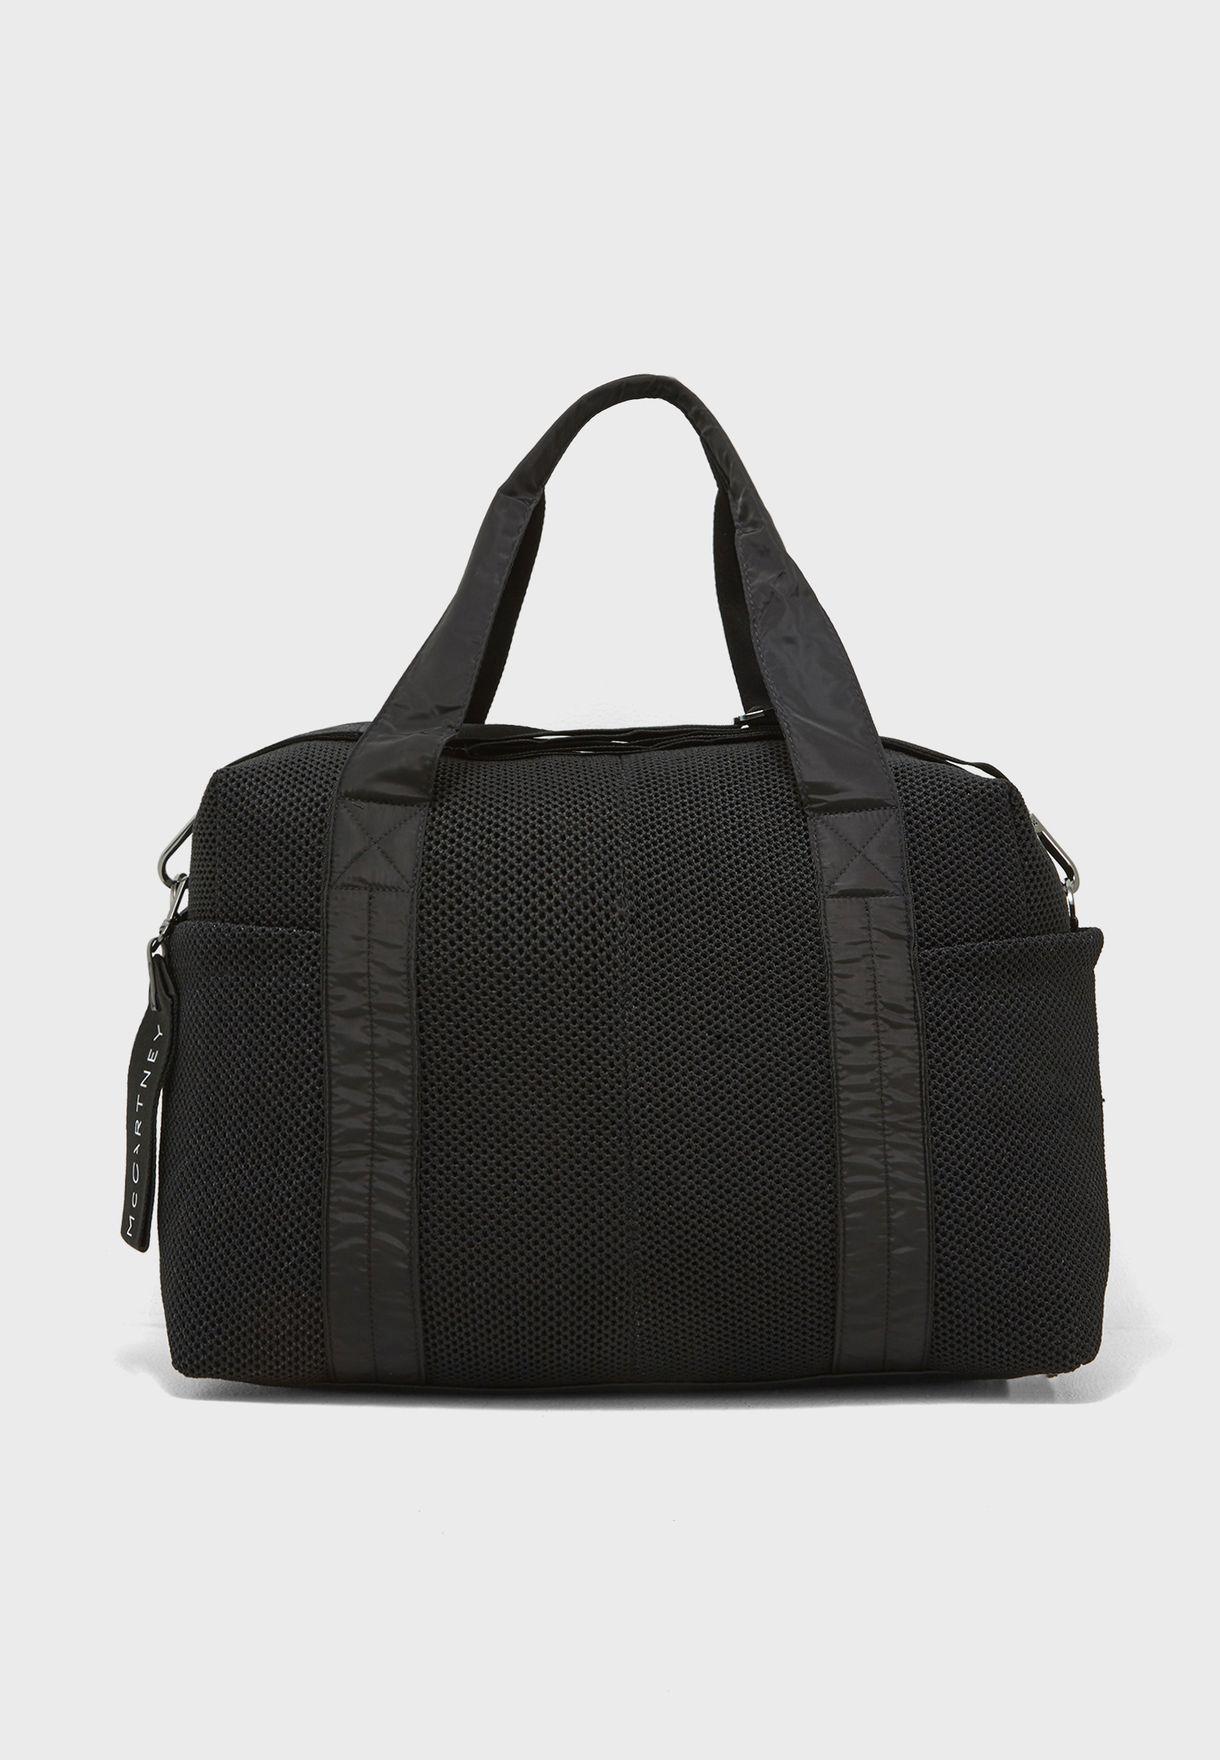 a42038f6c4d3 Adidas By Stella Mccartney Shipshape Mesh Gym Bag